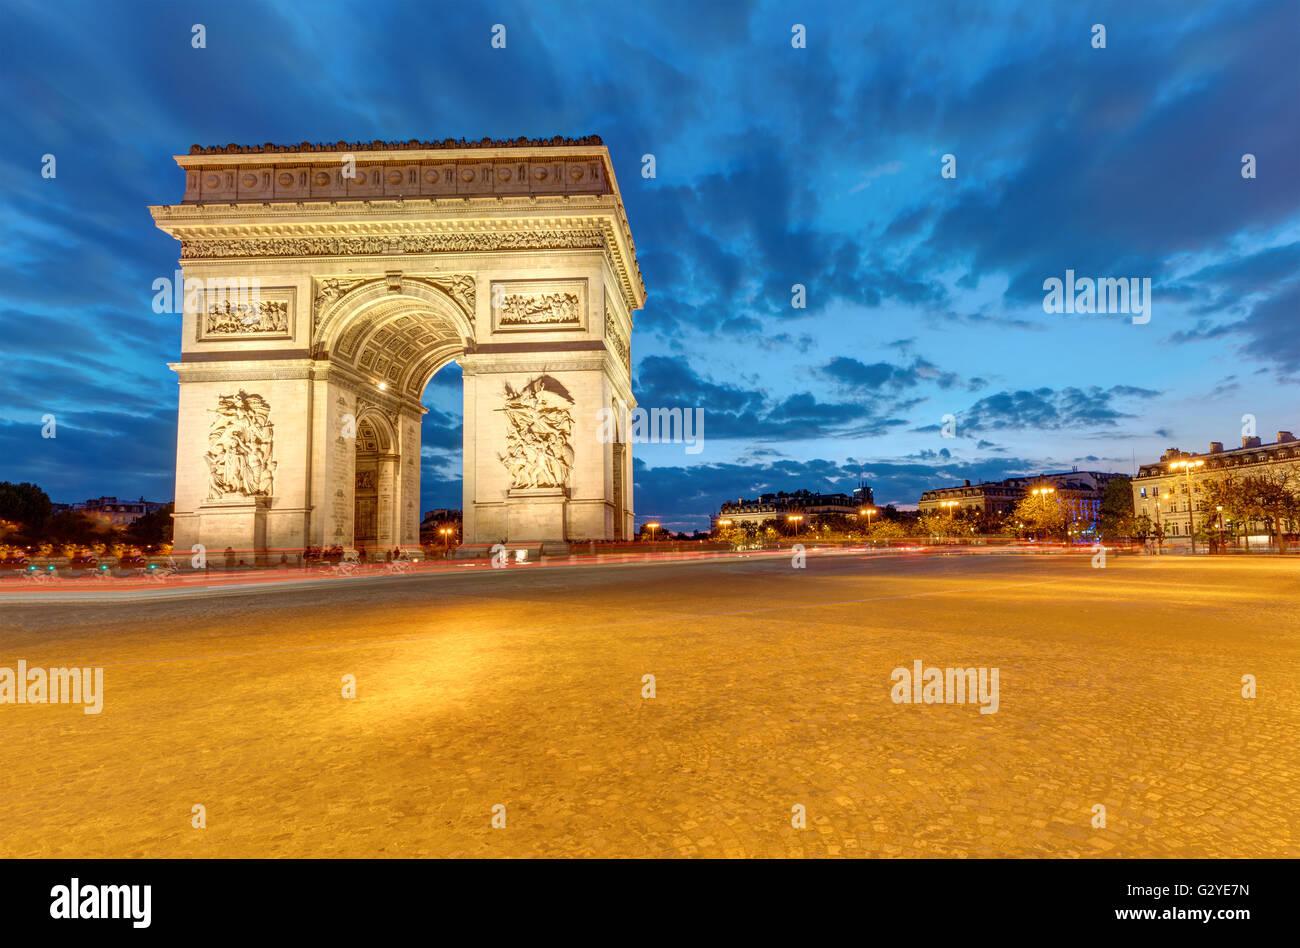 Le célèbre Arc de Triomphe à Paris à l'aube Photo Stock